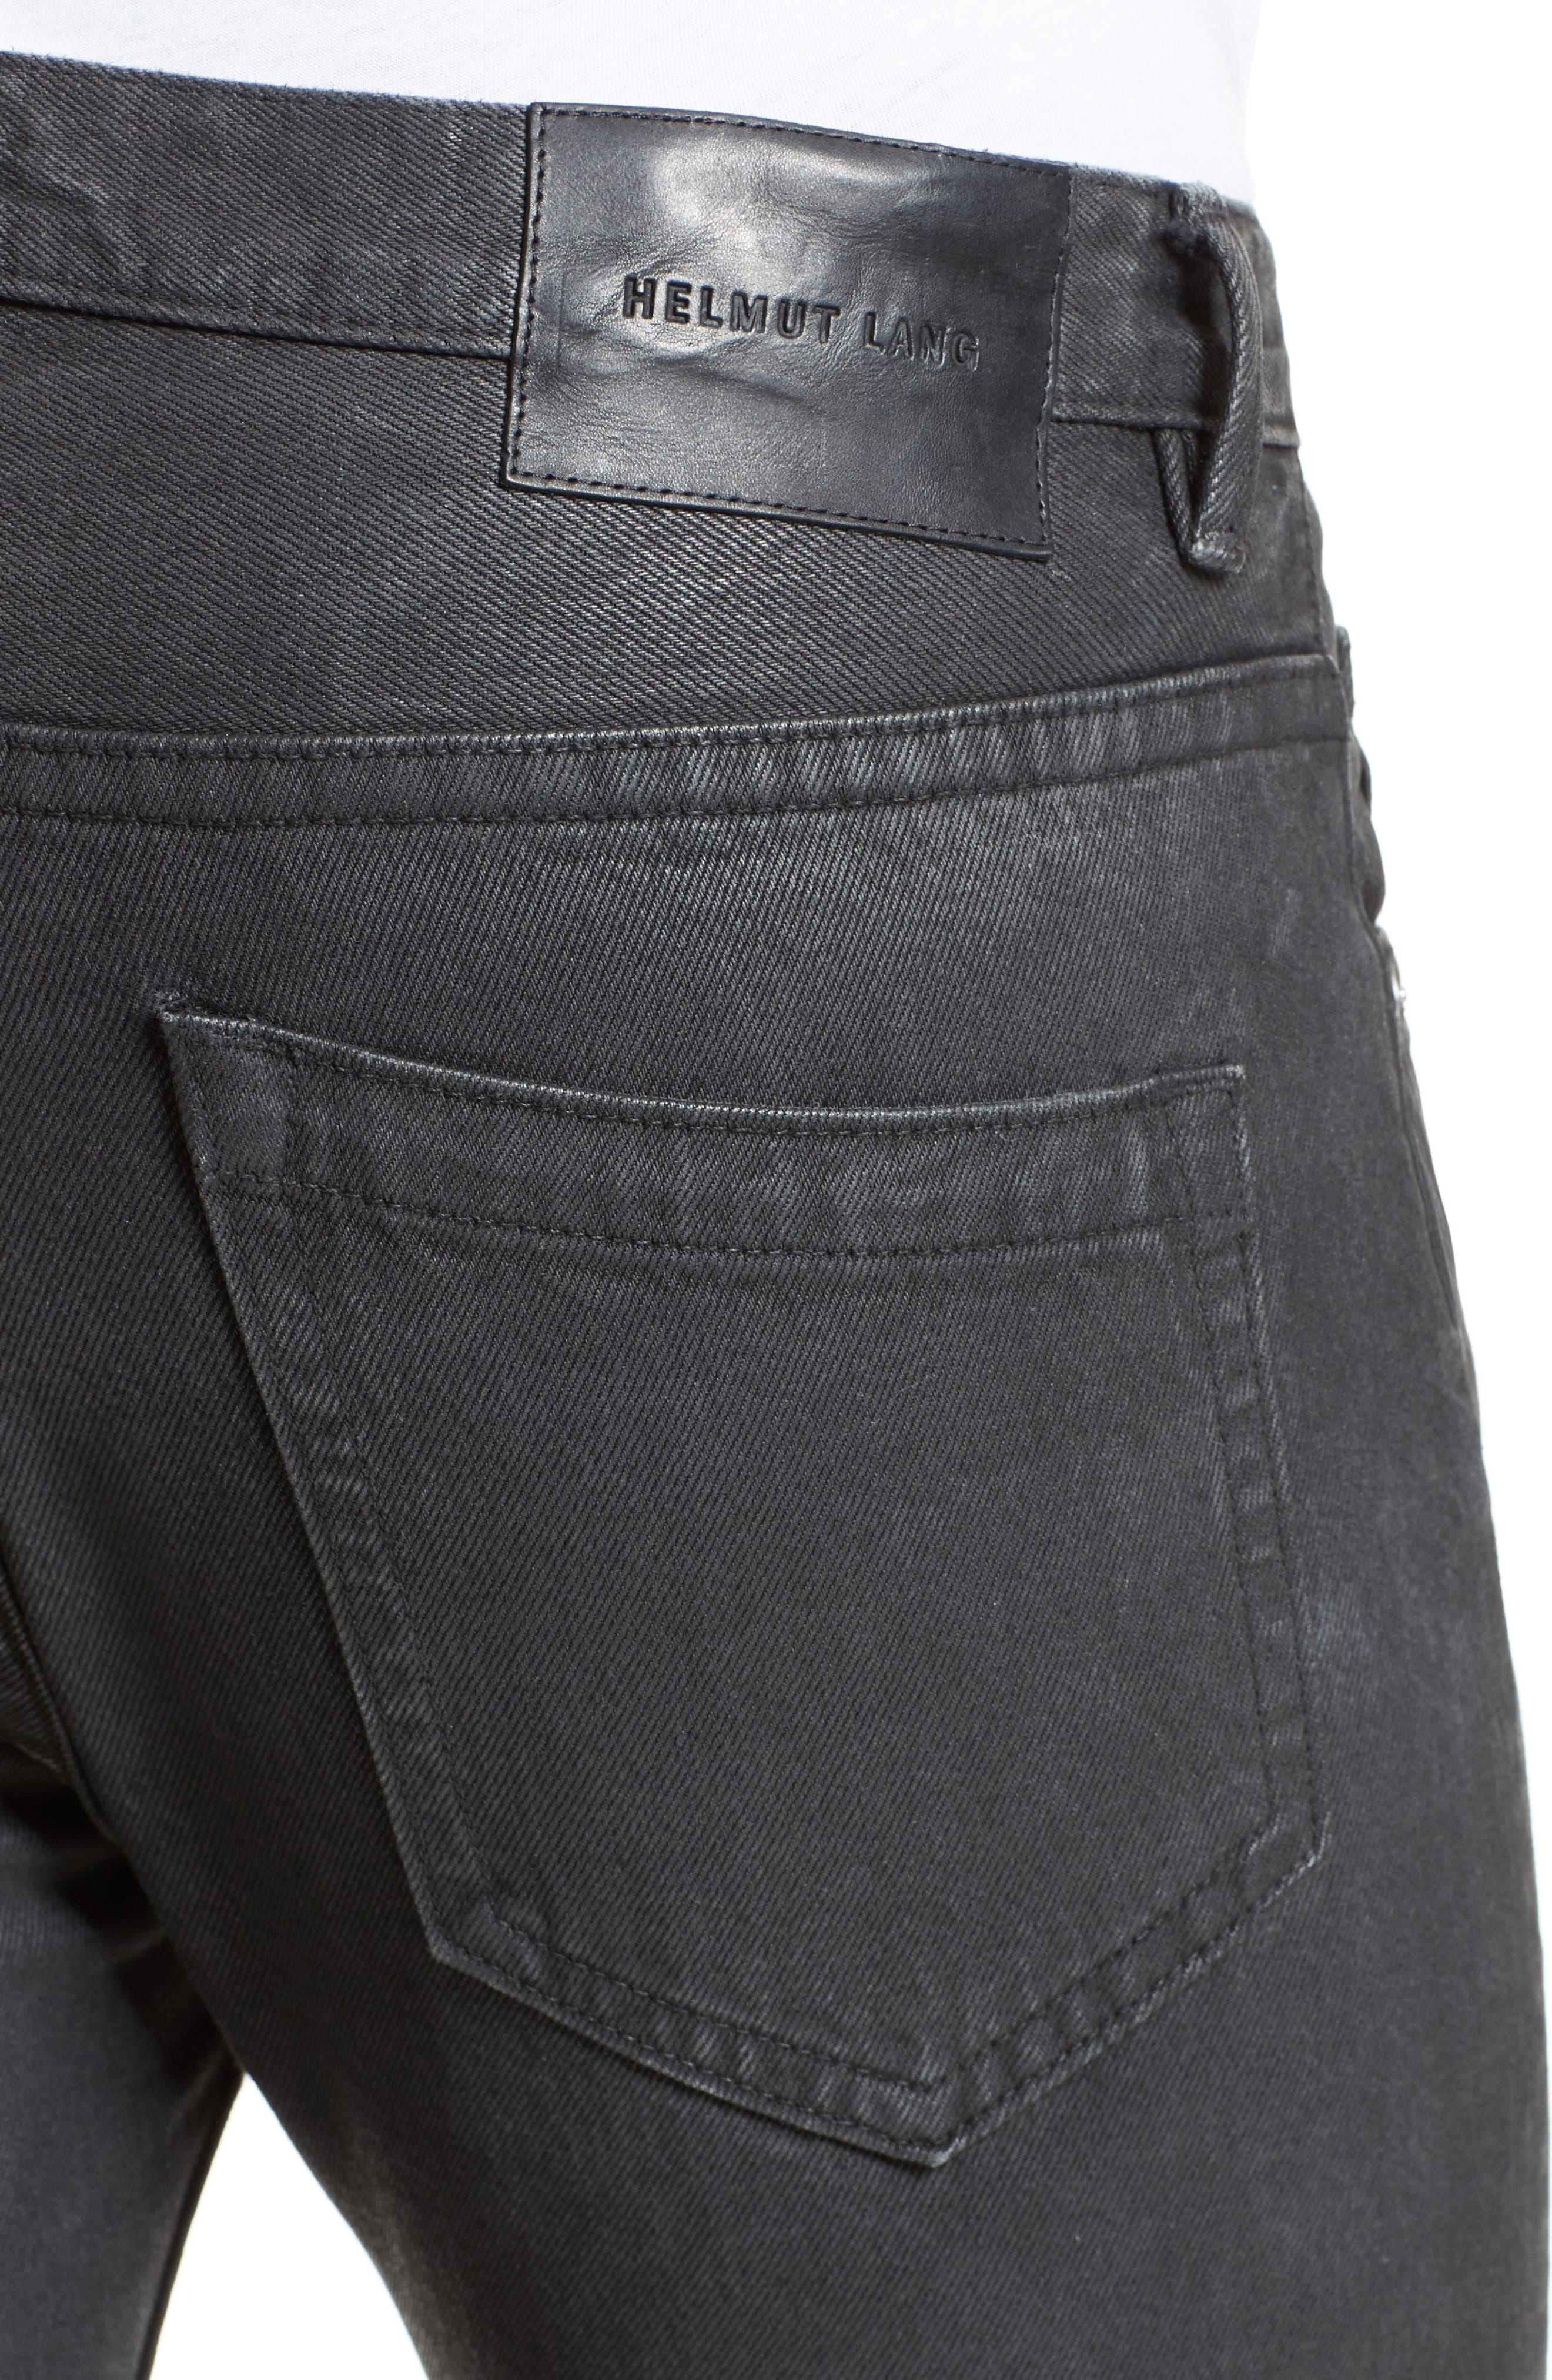 MR 87 Jeans,                             Alternate thumbnail 4, color,                             Eclipse Exhaust